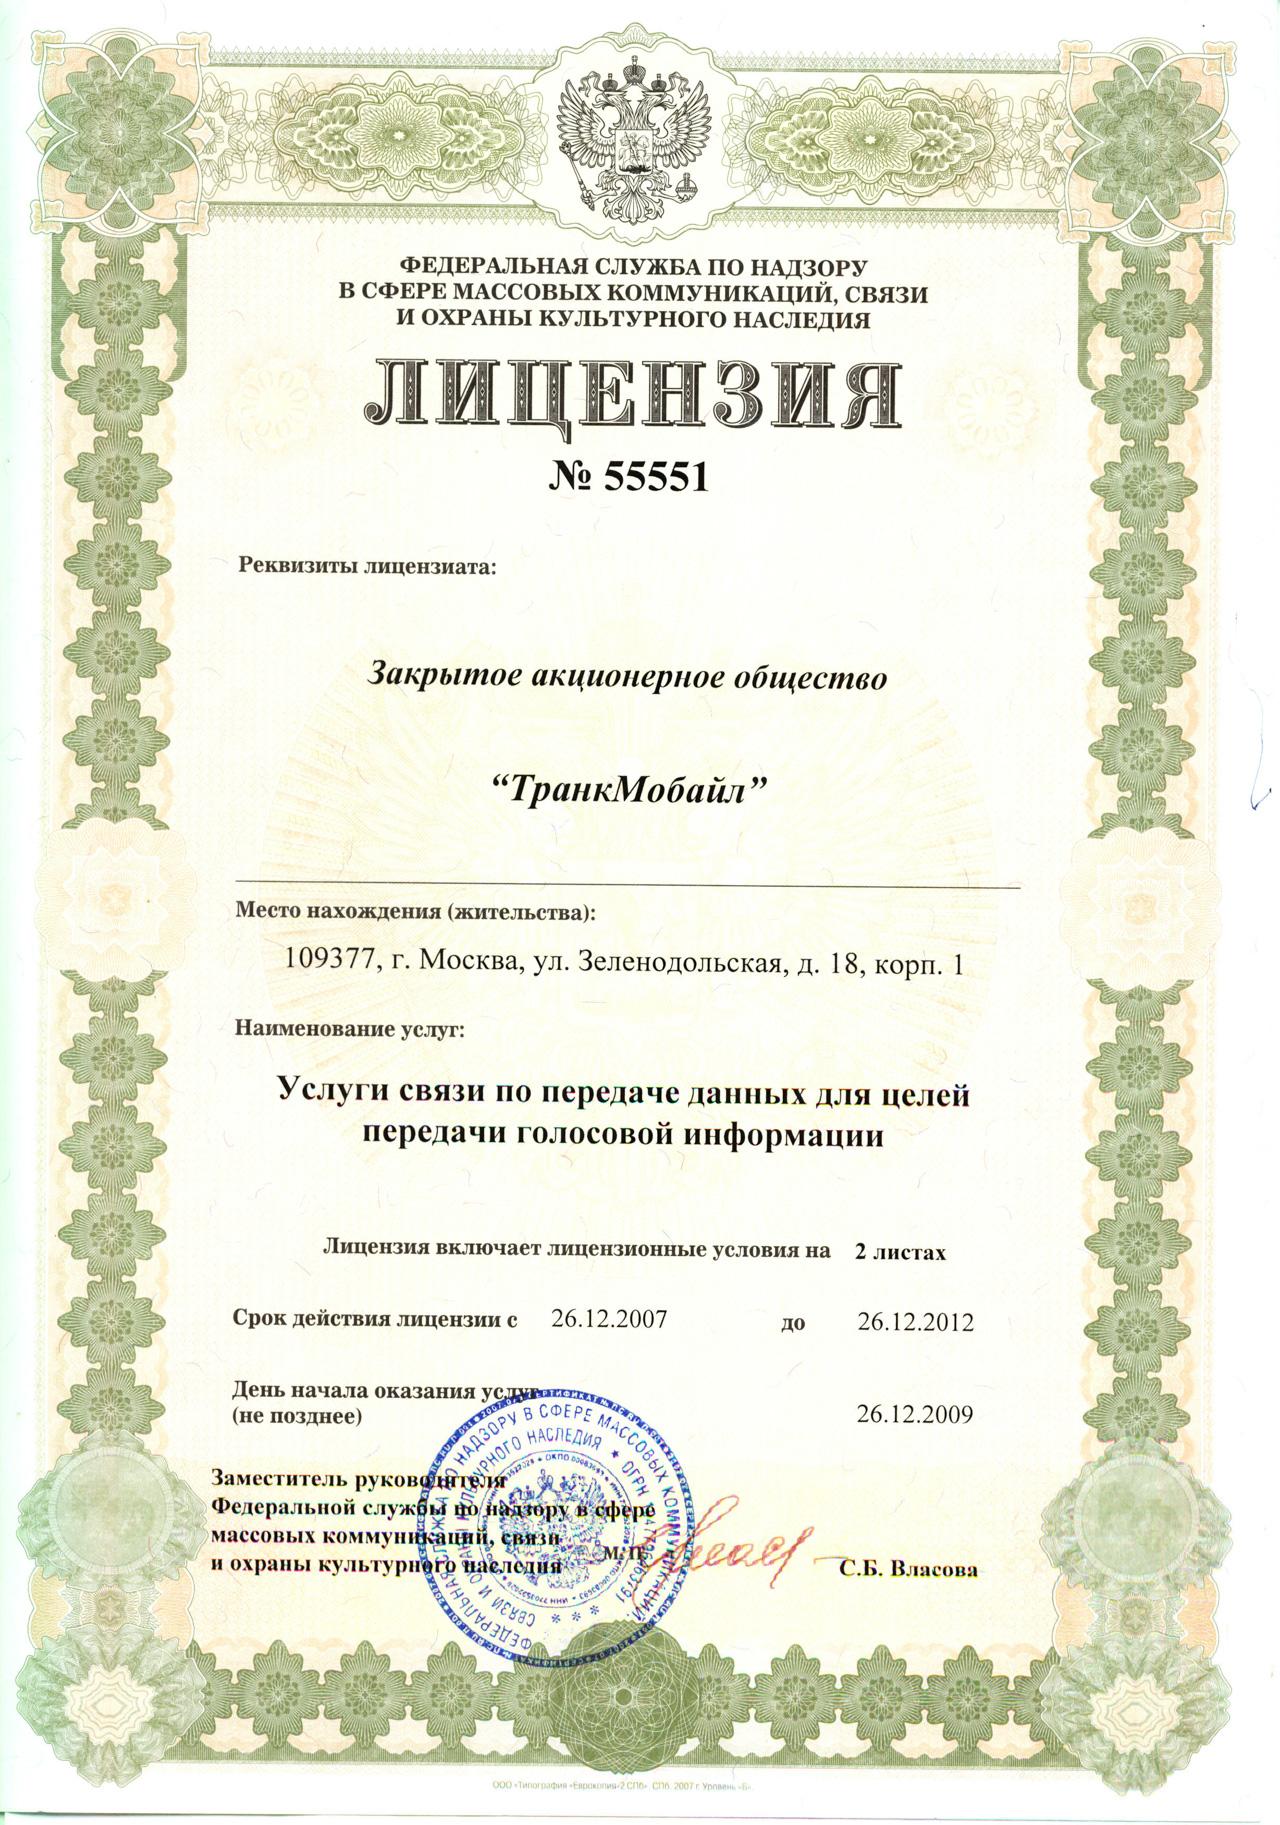 license_peredacha_golosovoi_inf